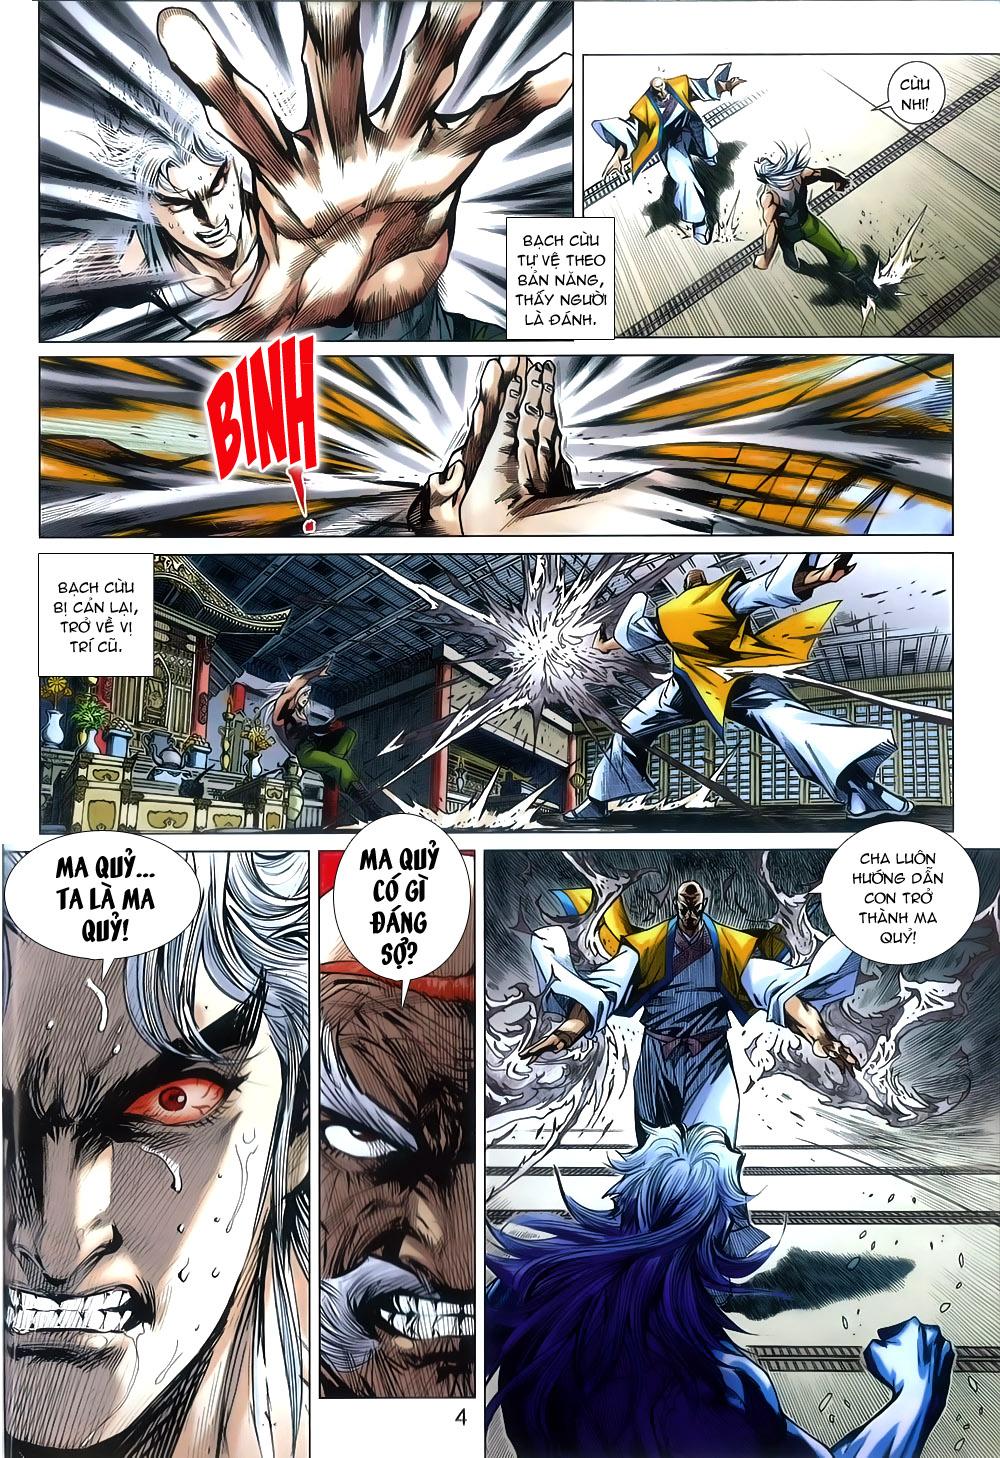 Tân Tác Long Hổ Môn chap 791 Trang 4 - Mangak.info